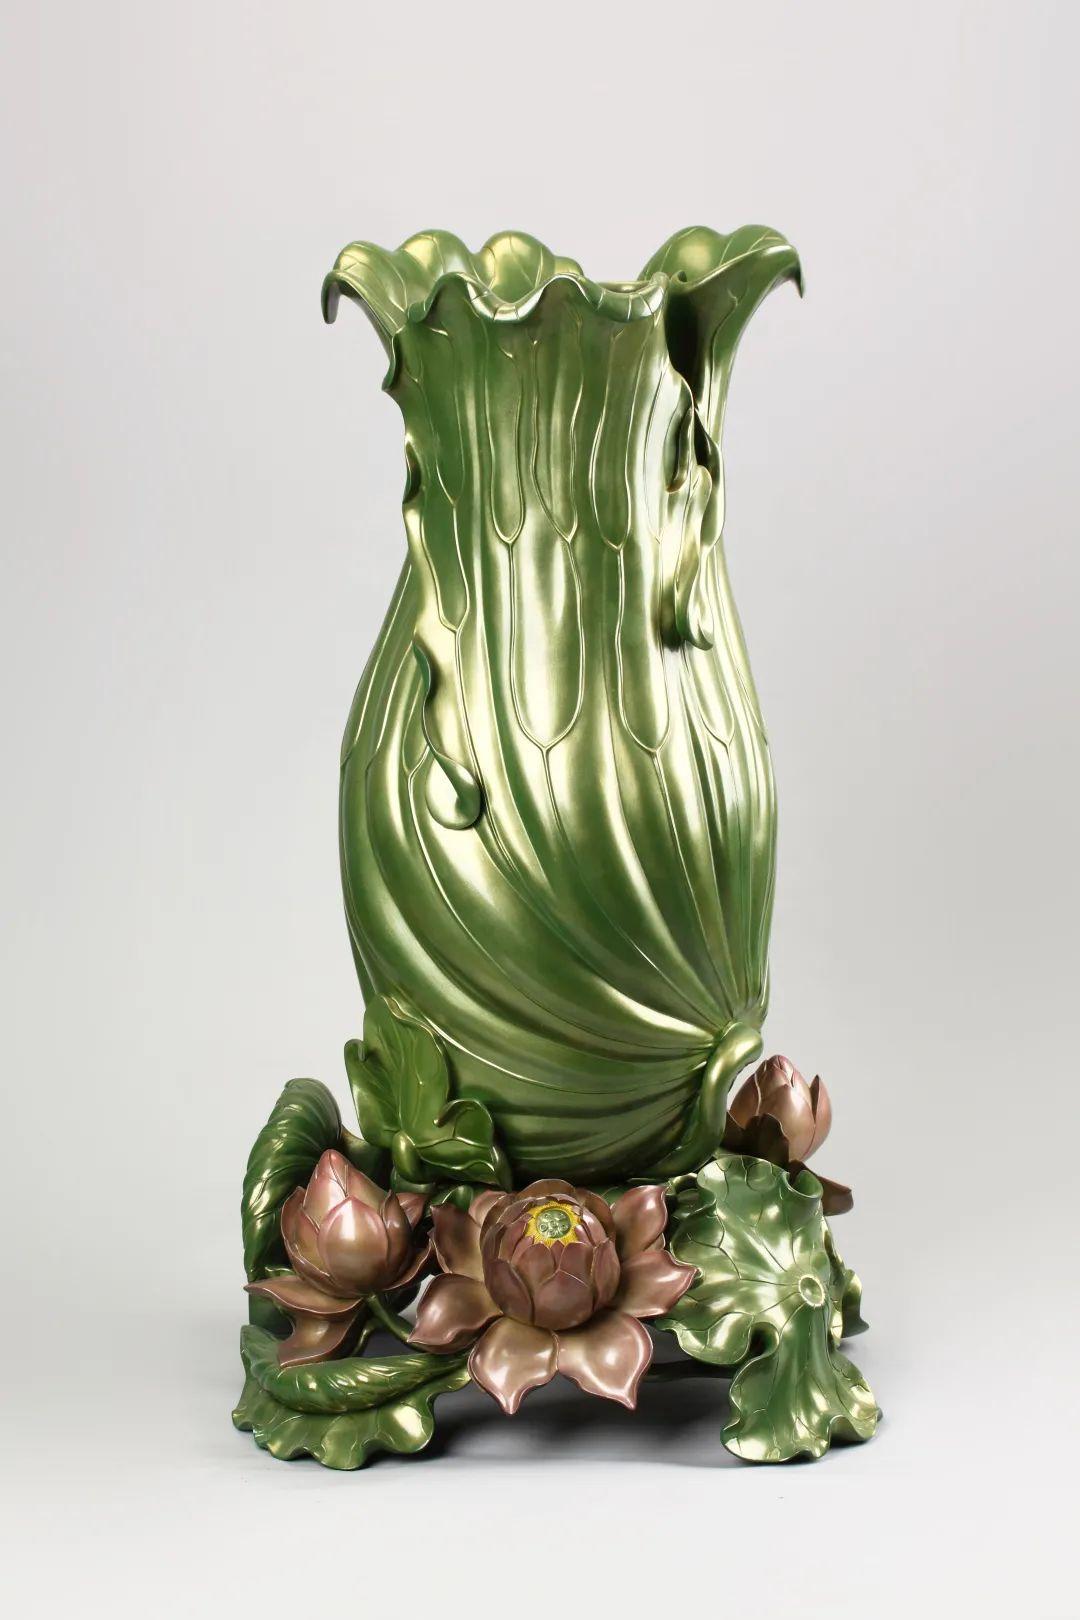 沈正镐制荷叶脱胎漆瓶近代口径38 厘米,底径54 厘米,高98 厘米福建博物院藏